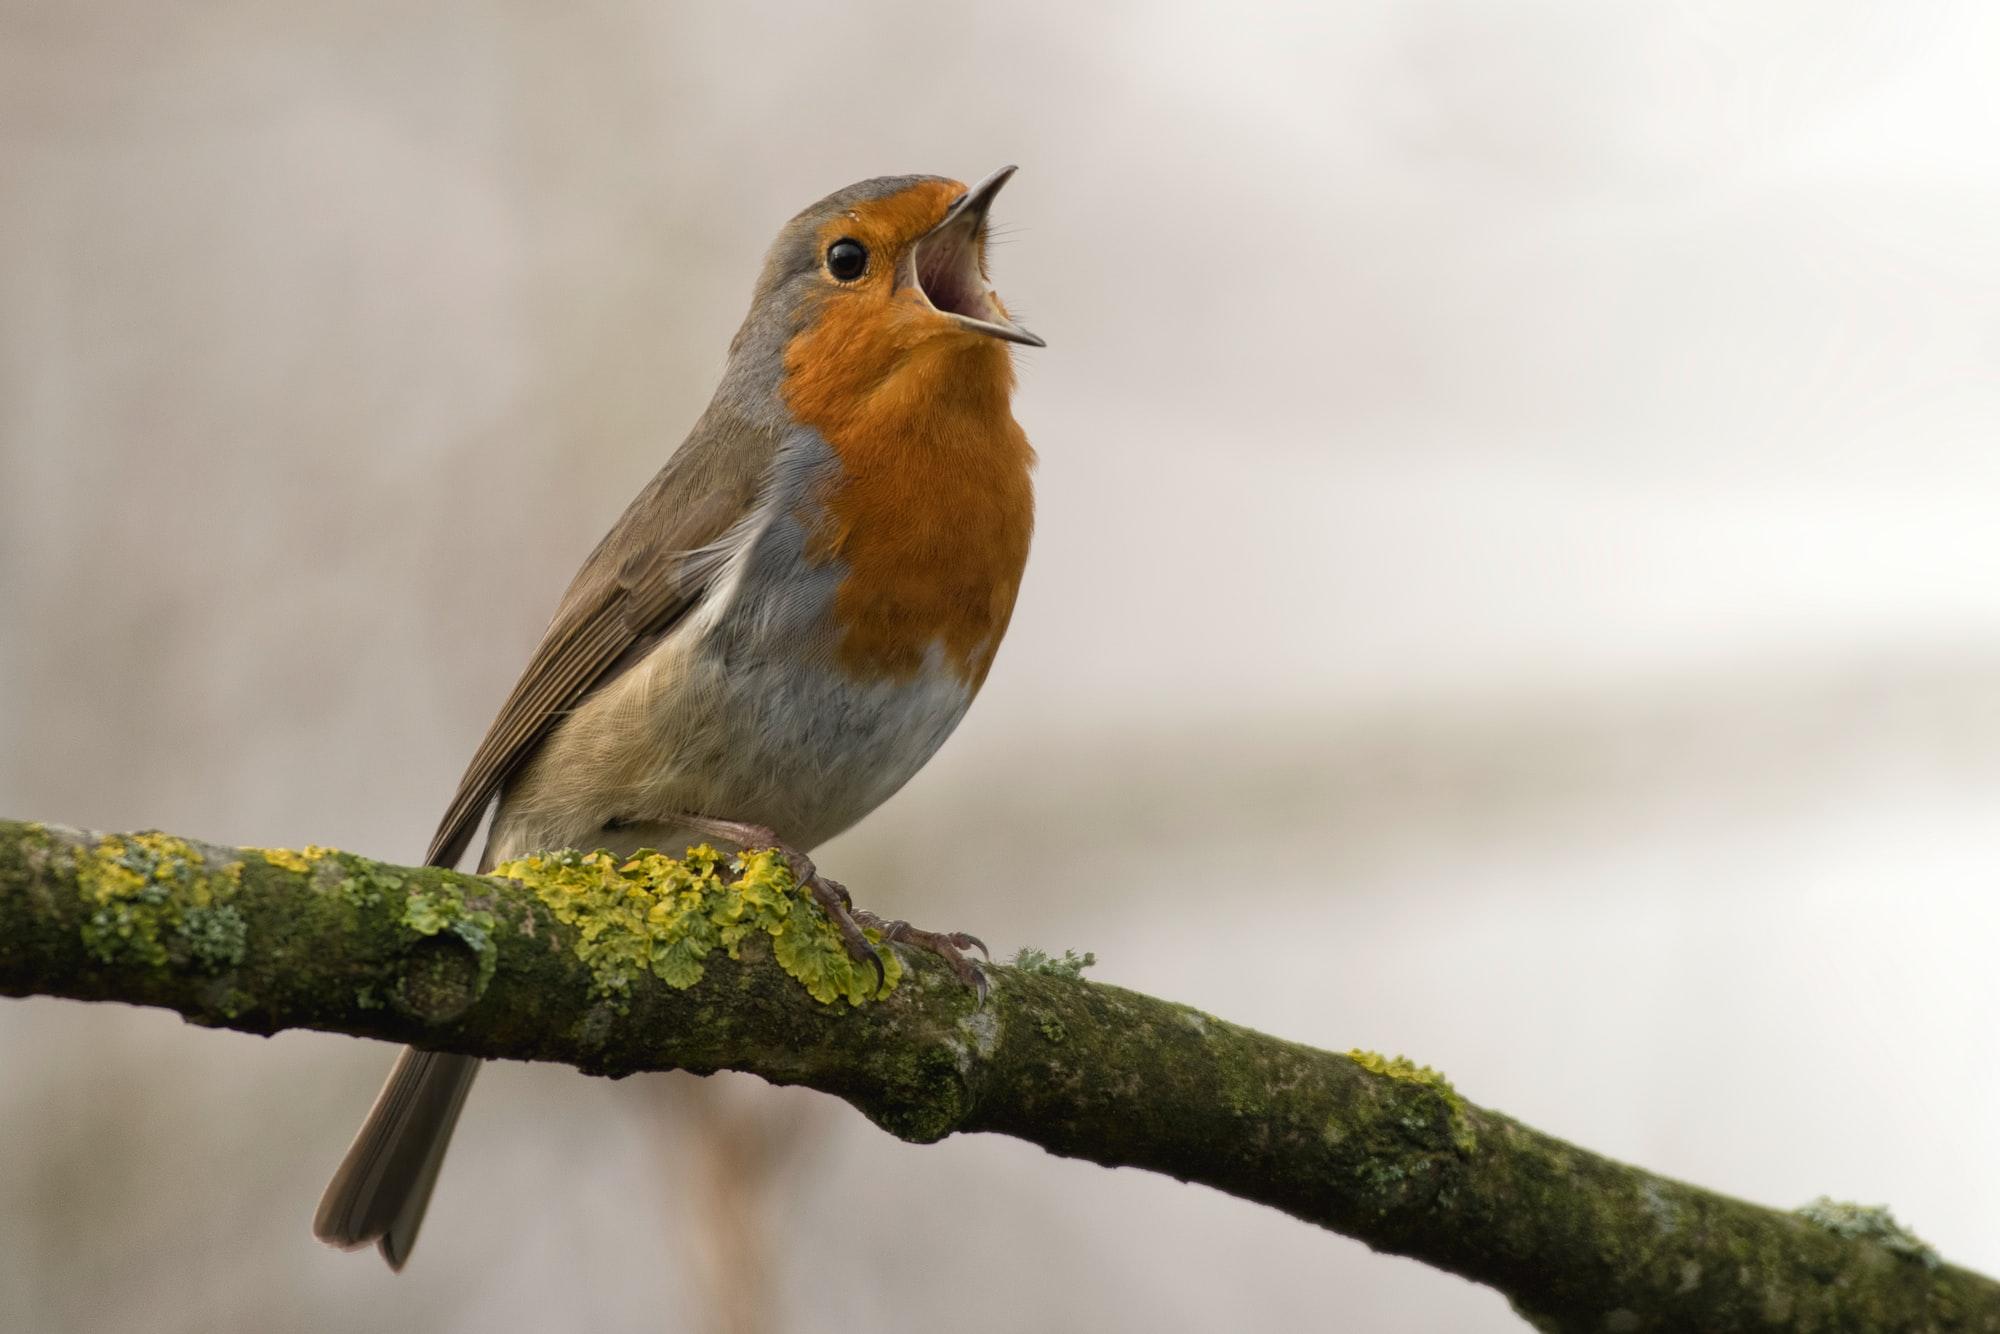 Yurdumuzun Sularında Yaşayan Ördeğe Benzer Bir Kuş Bulmaca Anlamı Nedir?